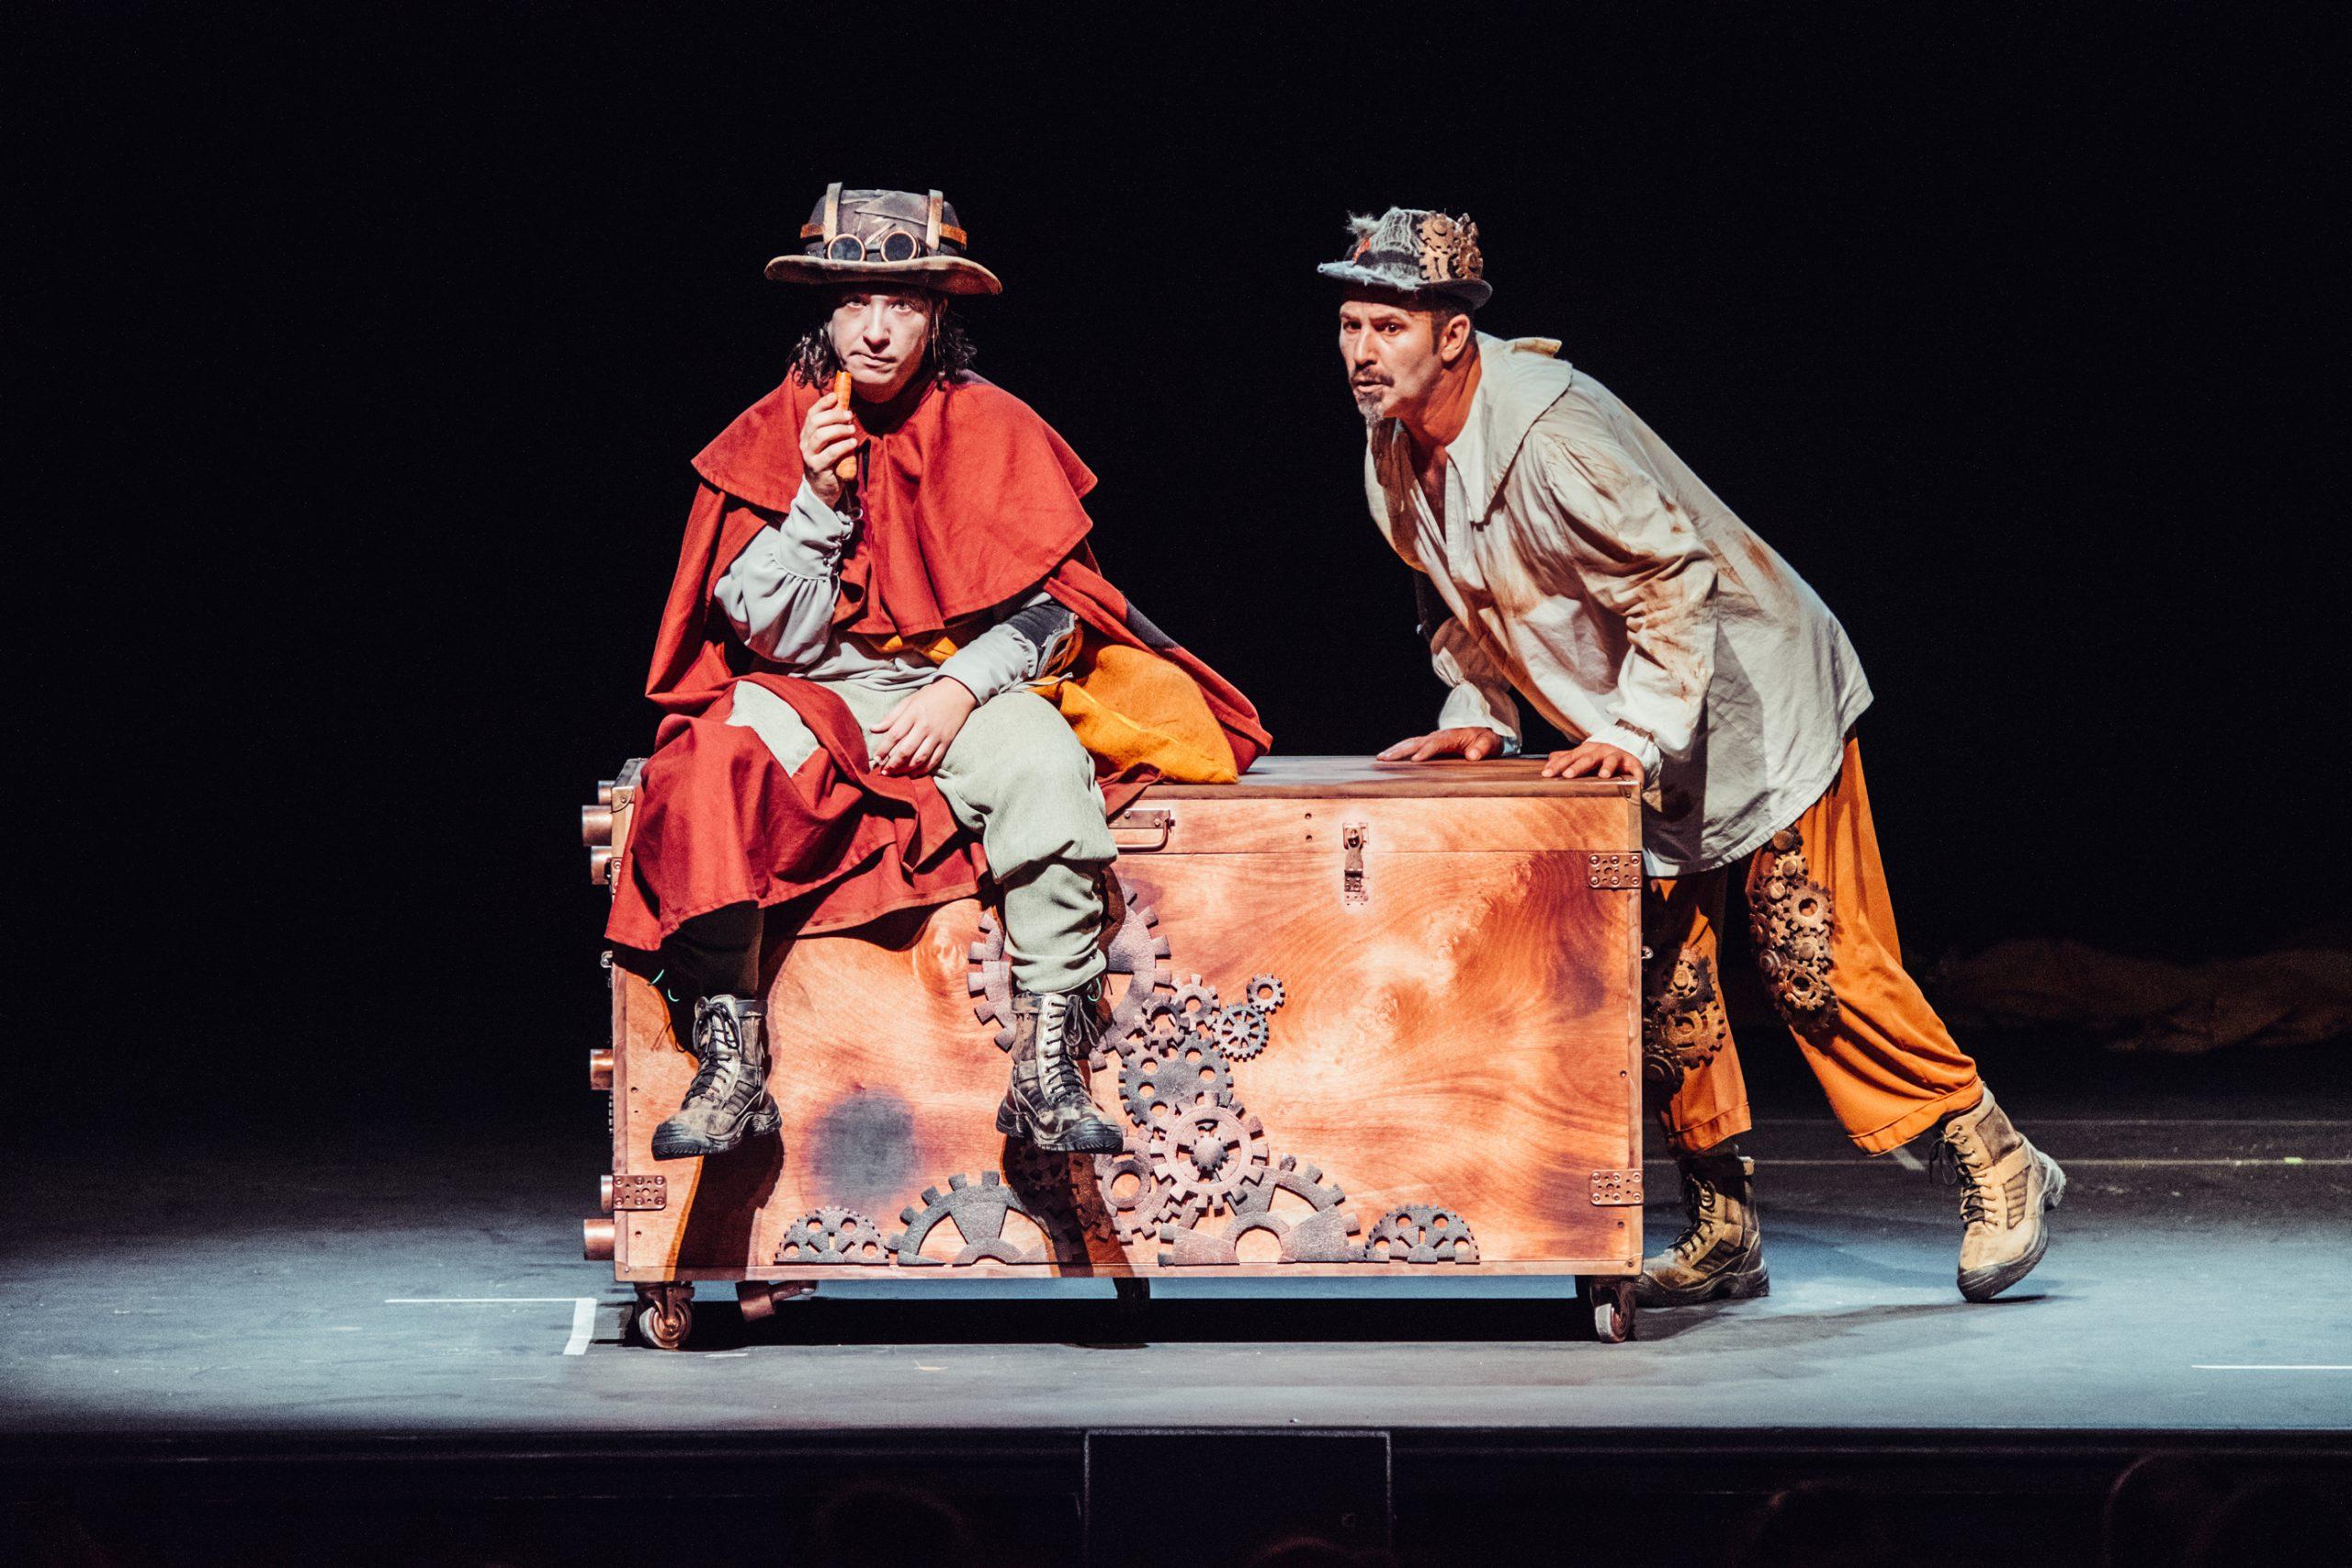 """El Teatro Municipal de Tías acoge la representación de la obra """"Ñaque o de piojos y actores"""" tras su reestreno en Gran Canaria"""